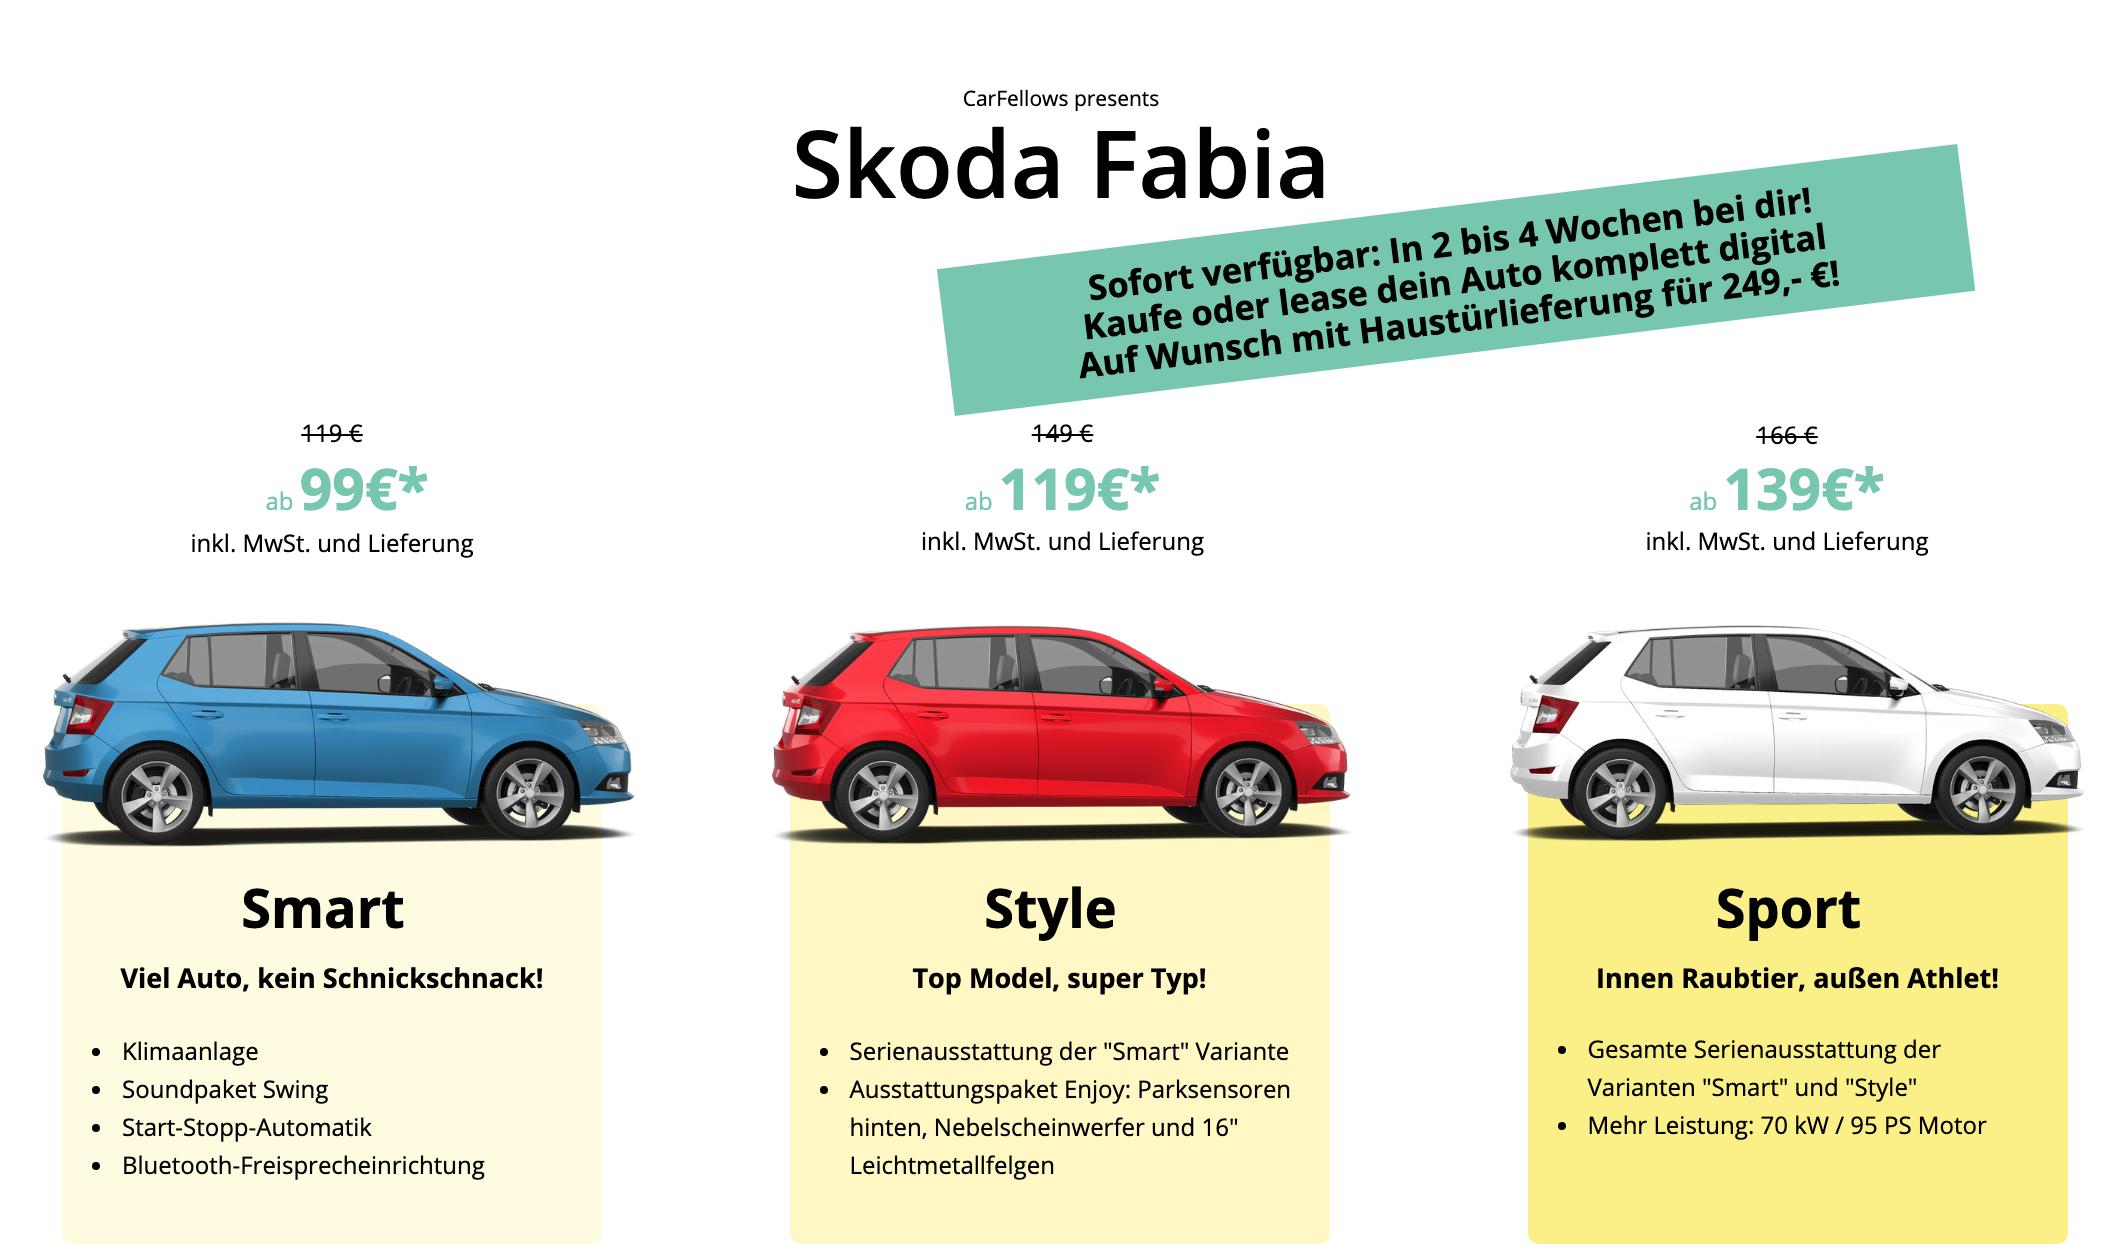 Privatleasing: Skoda Fabia, ohne Anzahlung, ab 99 €/Monat, Haustürlieferung möglich